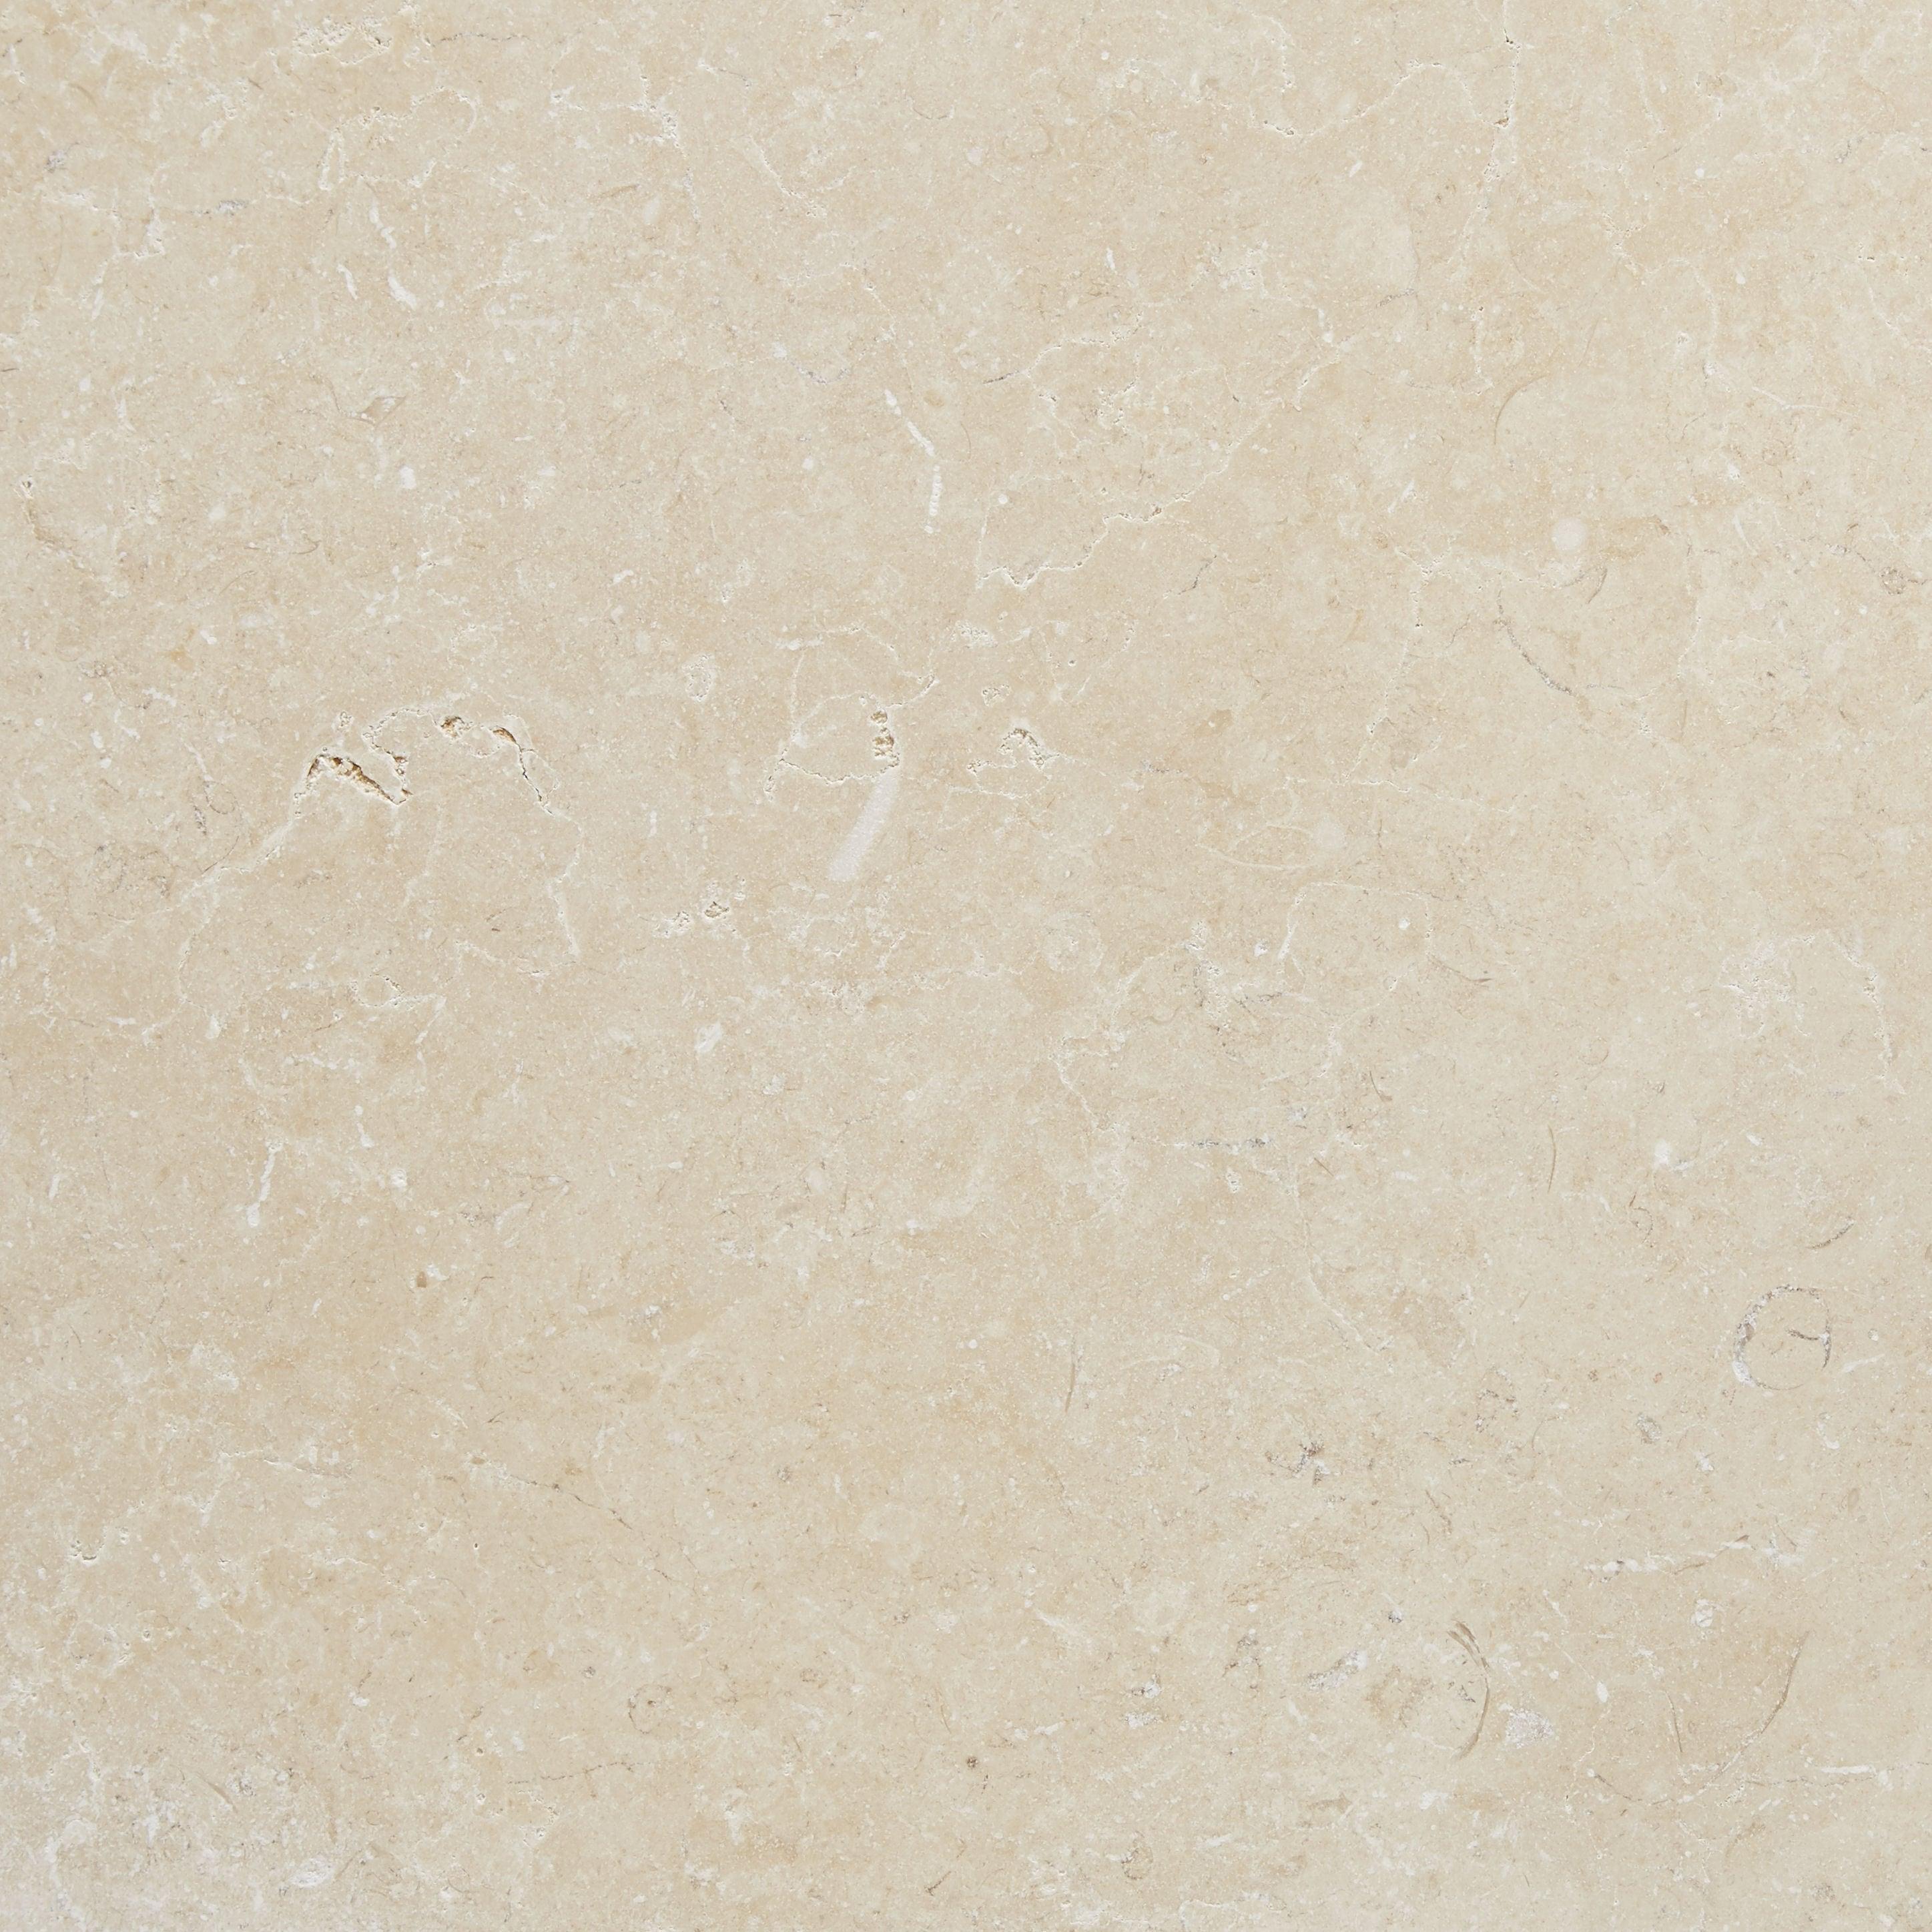 Lyon Tumbled Limestone Tiles Mandarin Stone